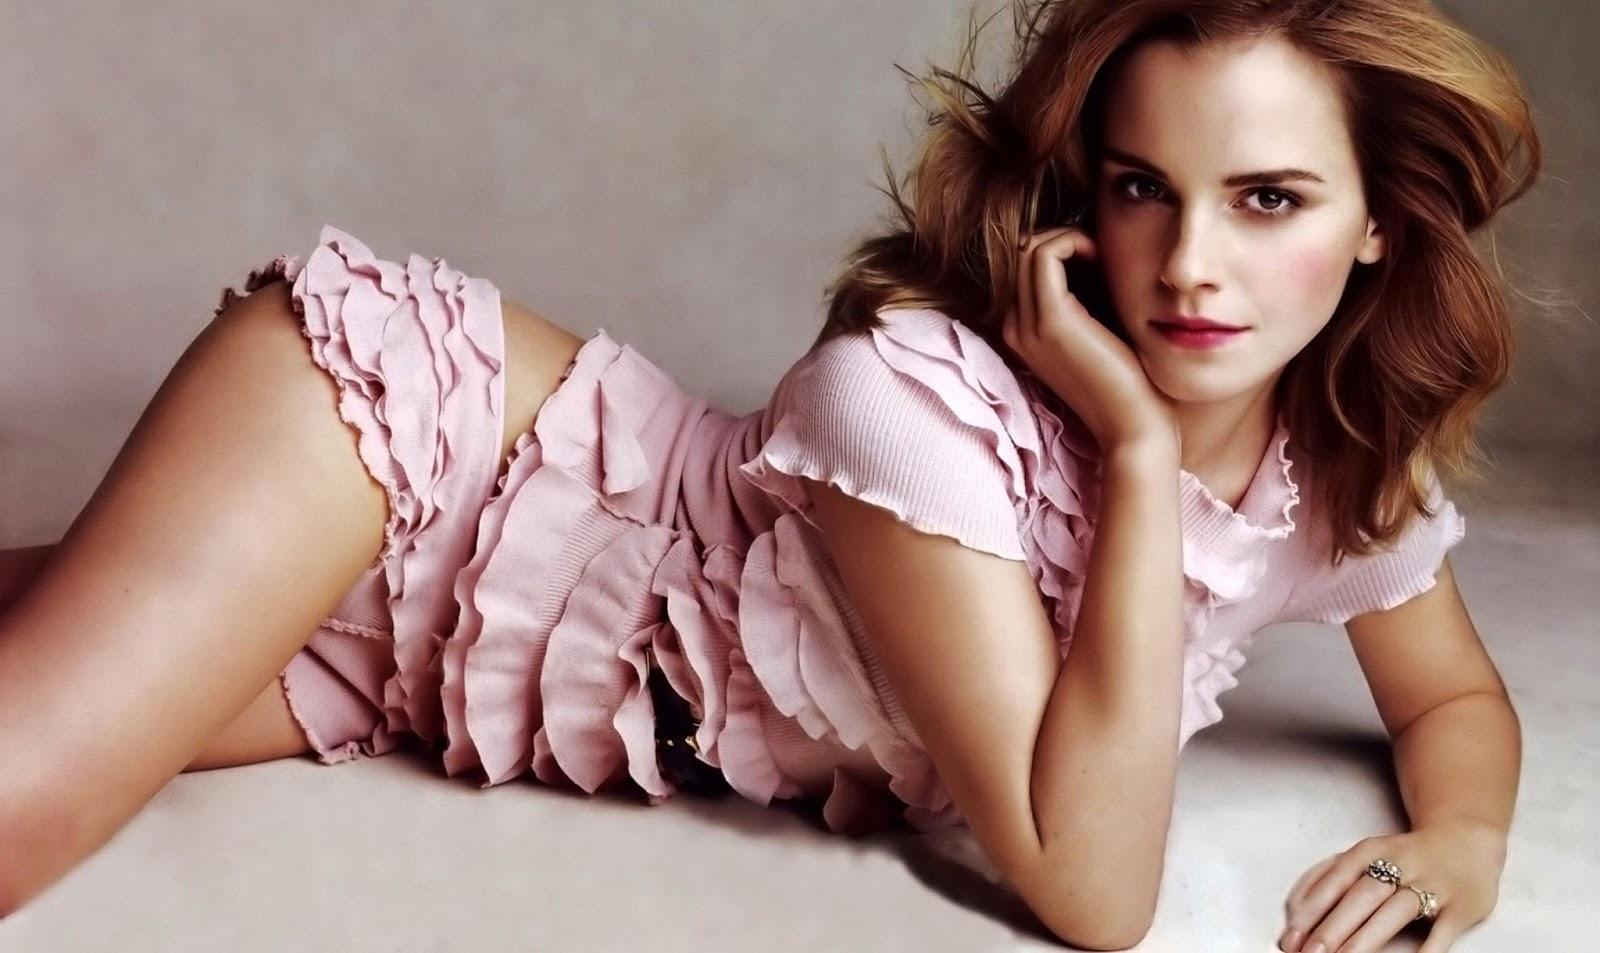 Emma Watson Hot Photoshoot HD